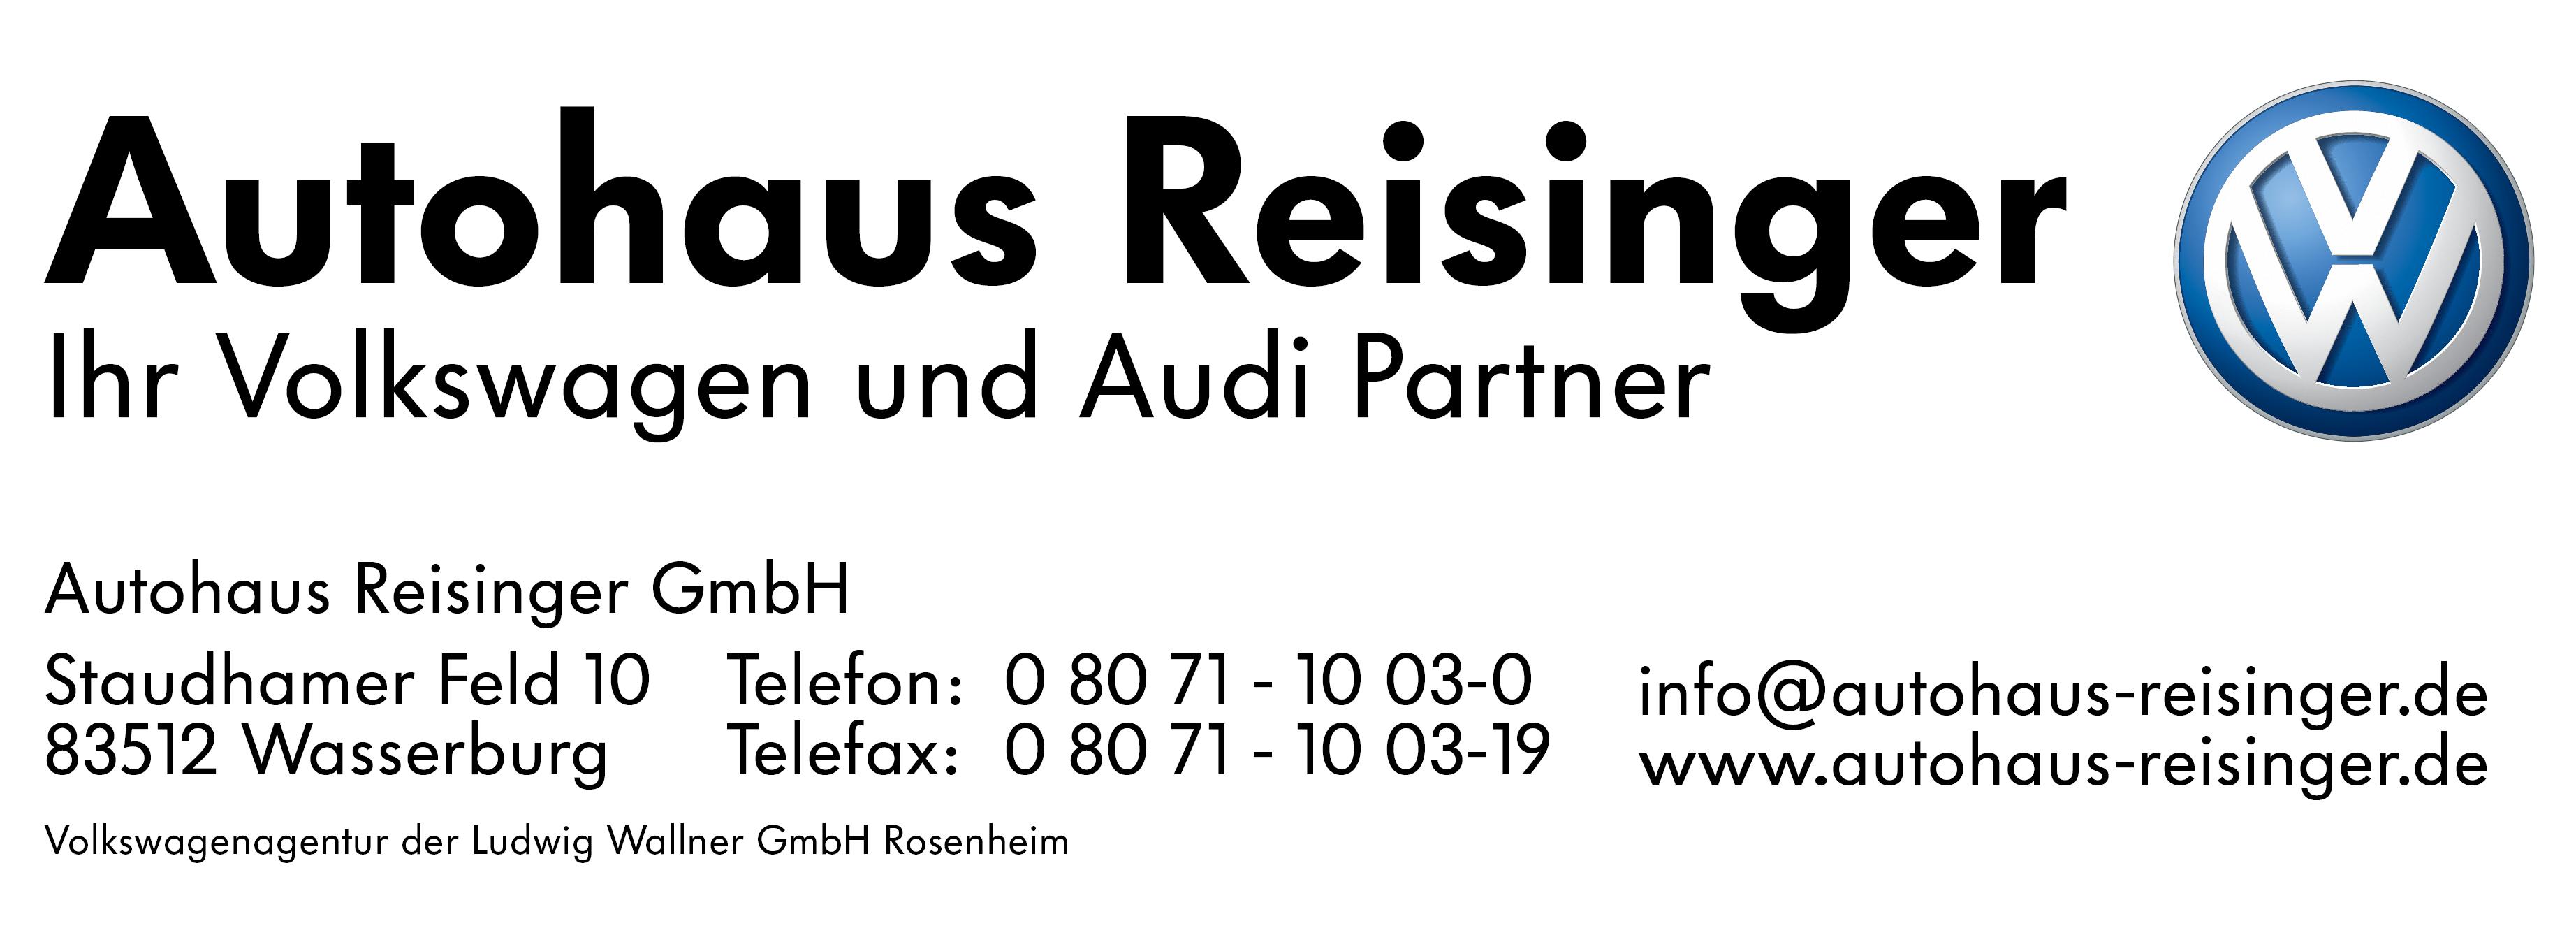 Autohaus Reisinger